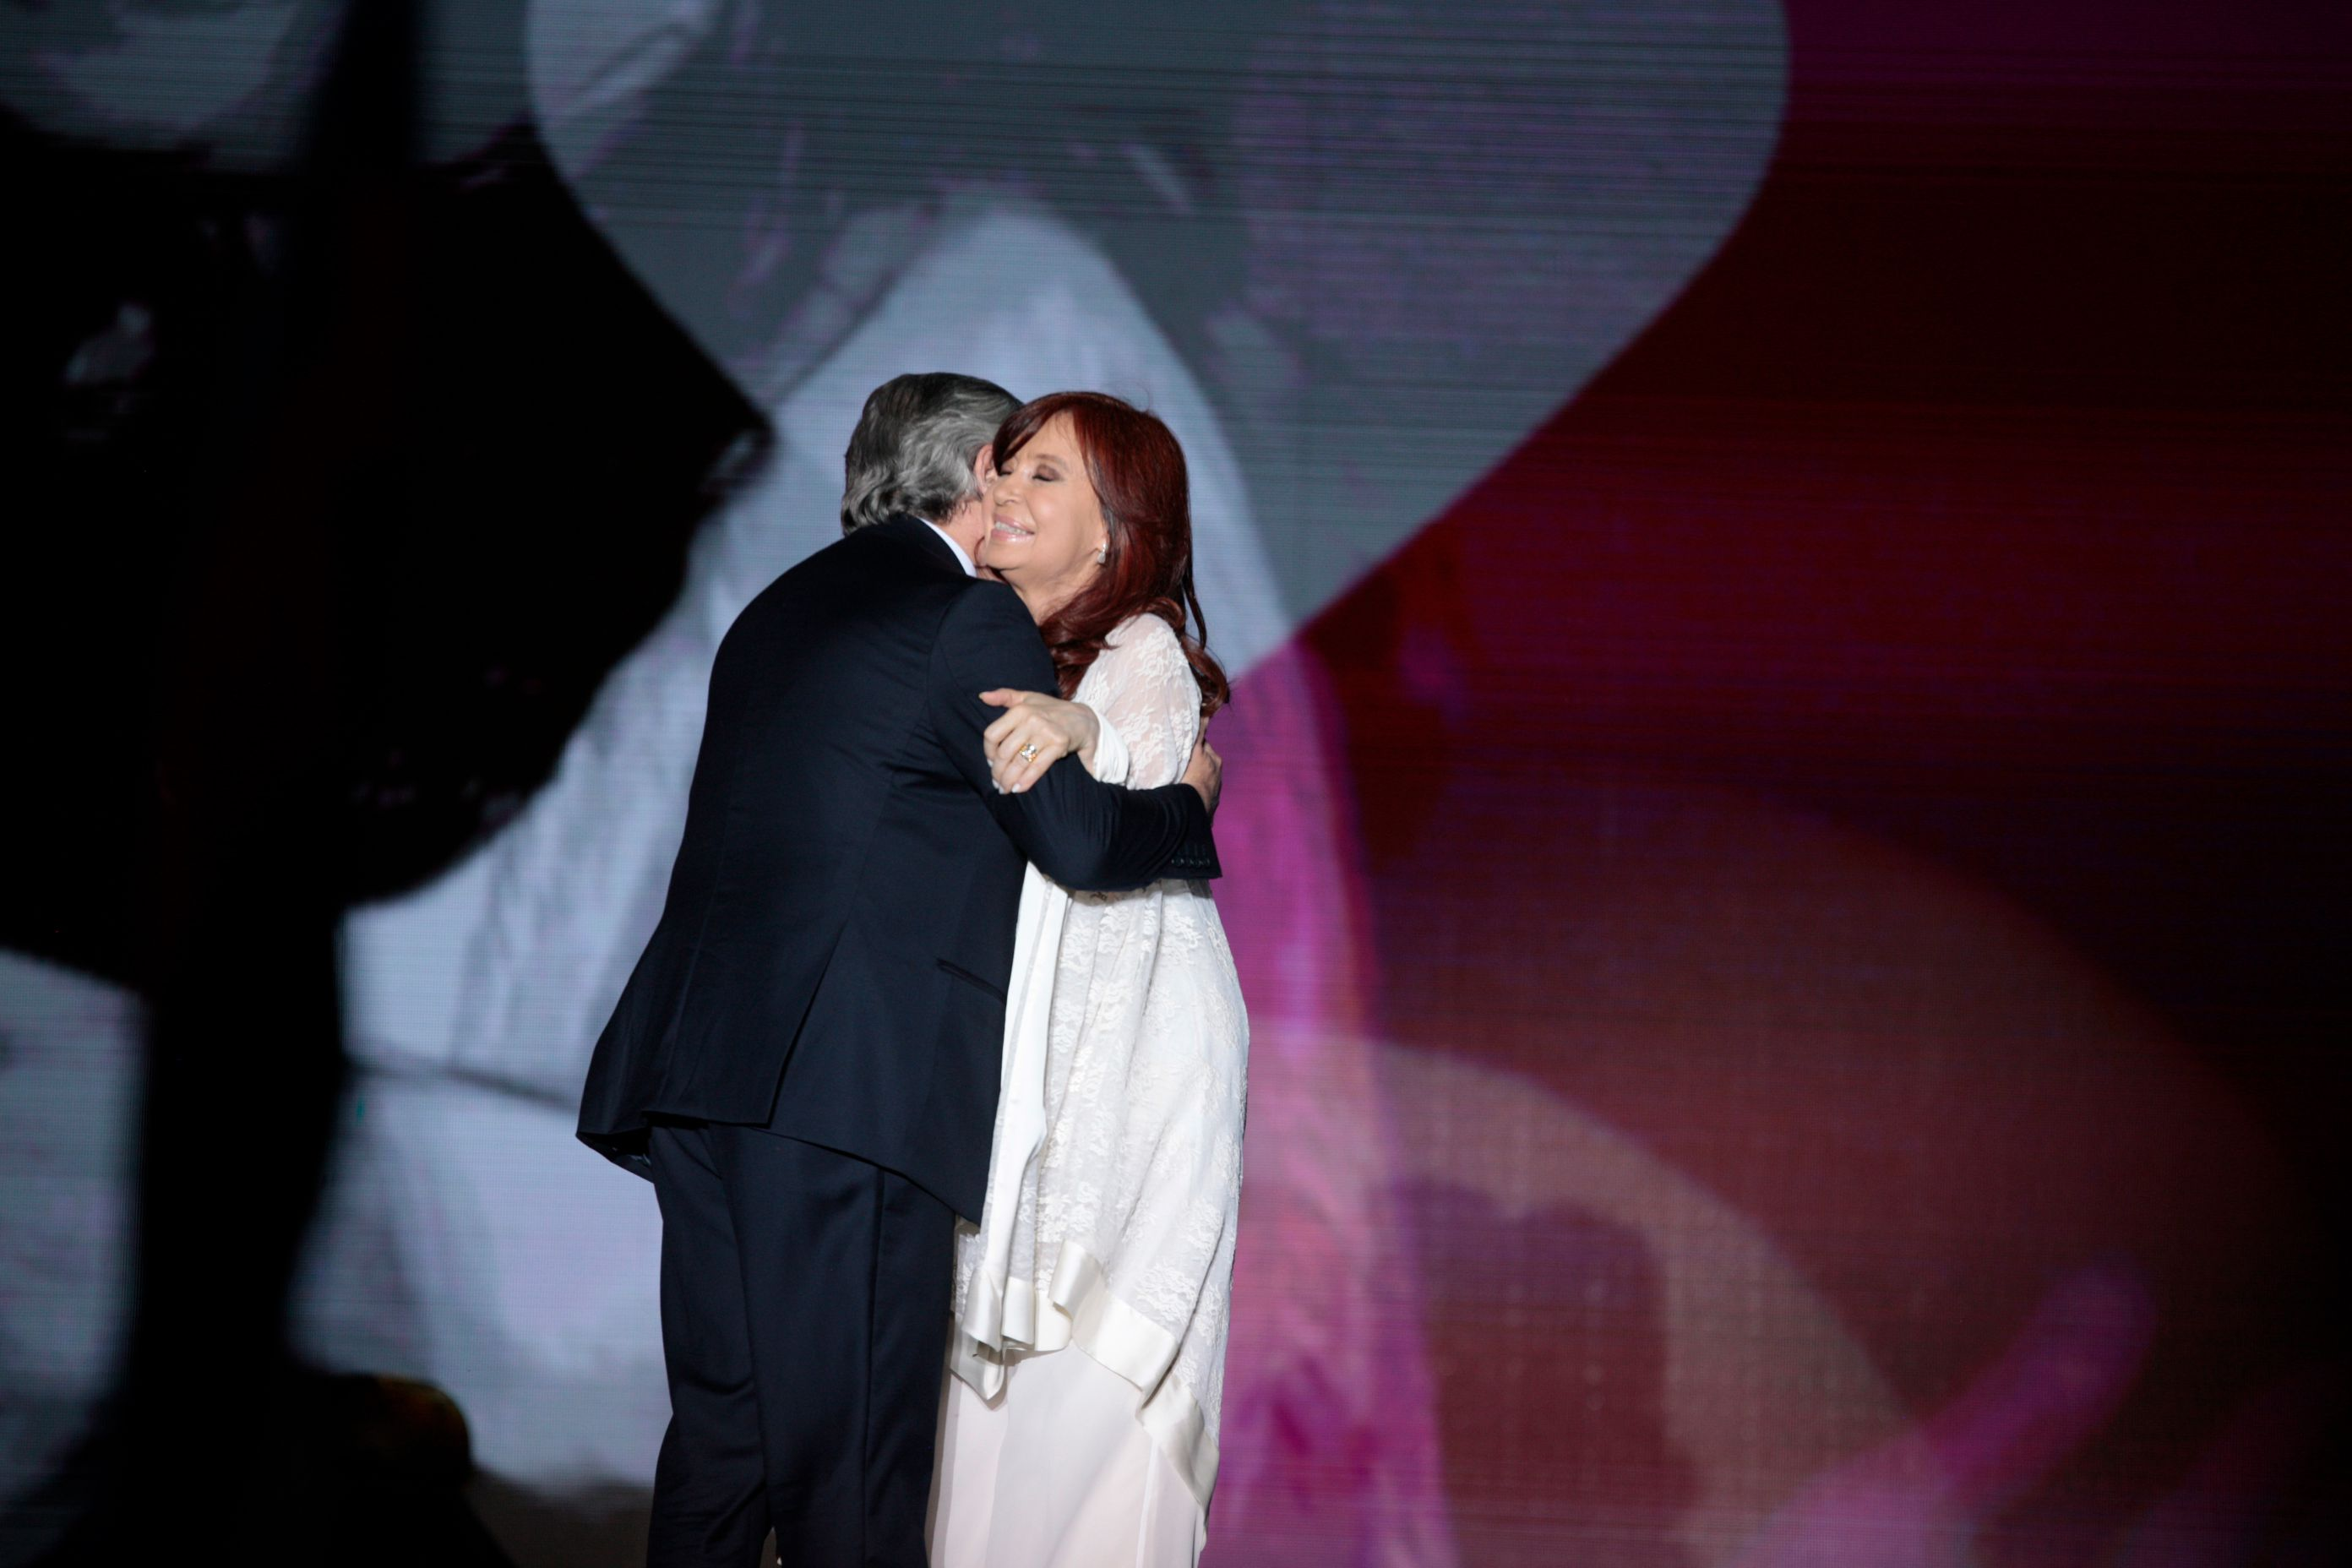 El abrazo entre el Presidente y la Vicepresidenta el 10 de diciembre (Luciano Gonzalez)